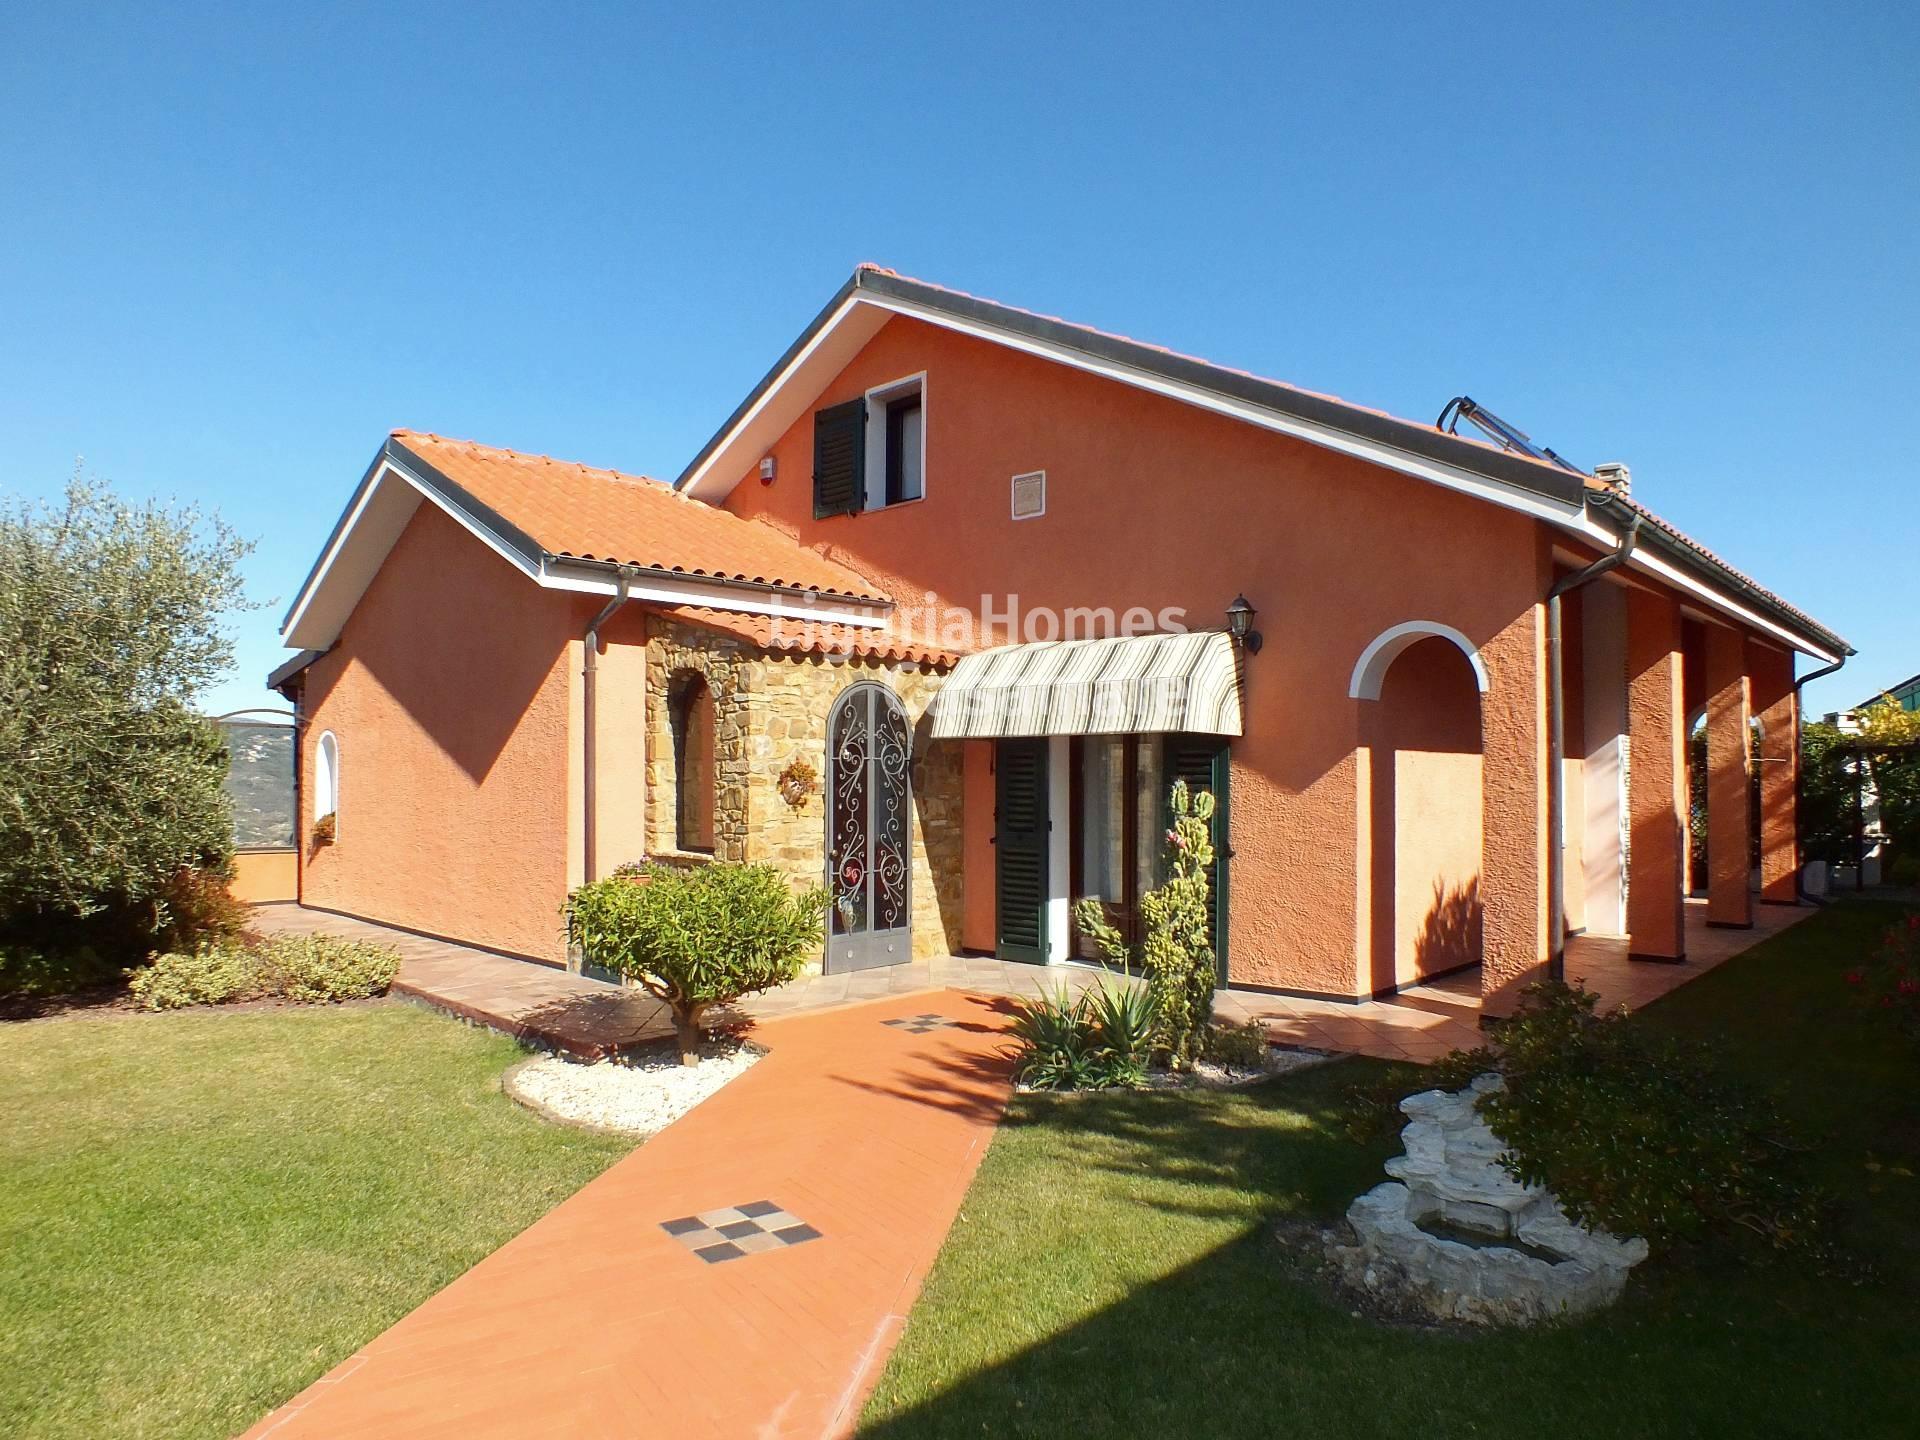 Villa in vendita a Imperia, 8 locali, prezzo € 630.000   Cambio Casa.it